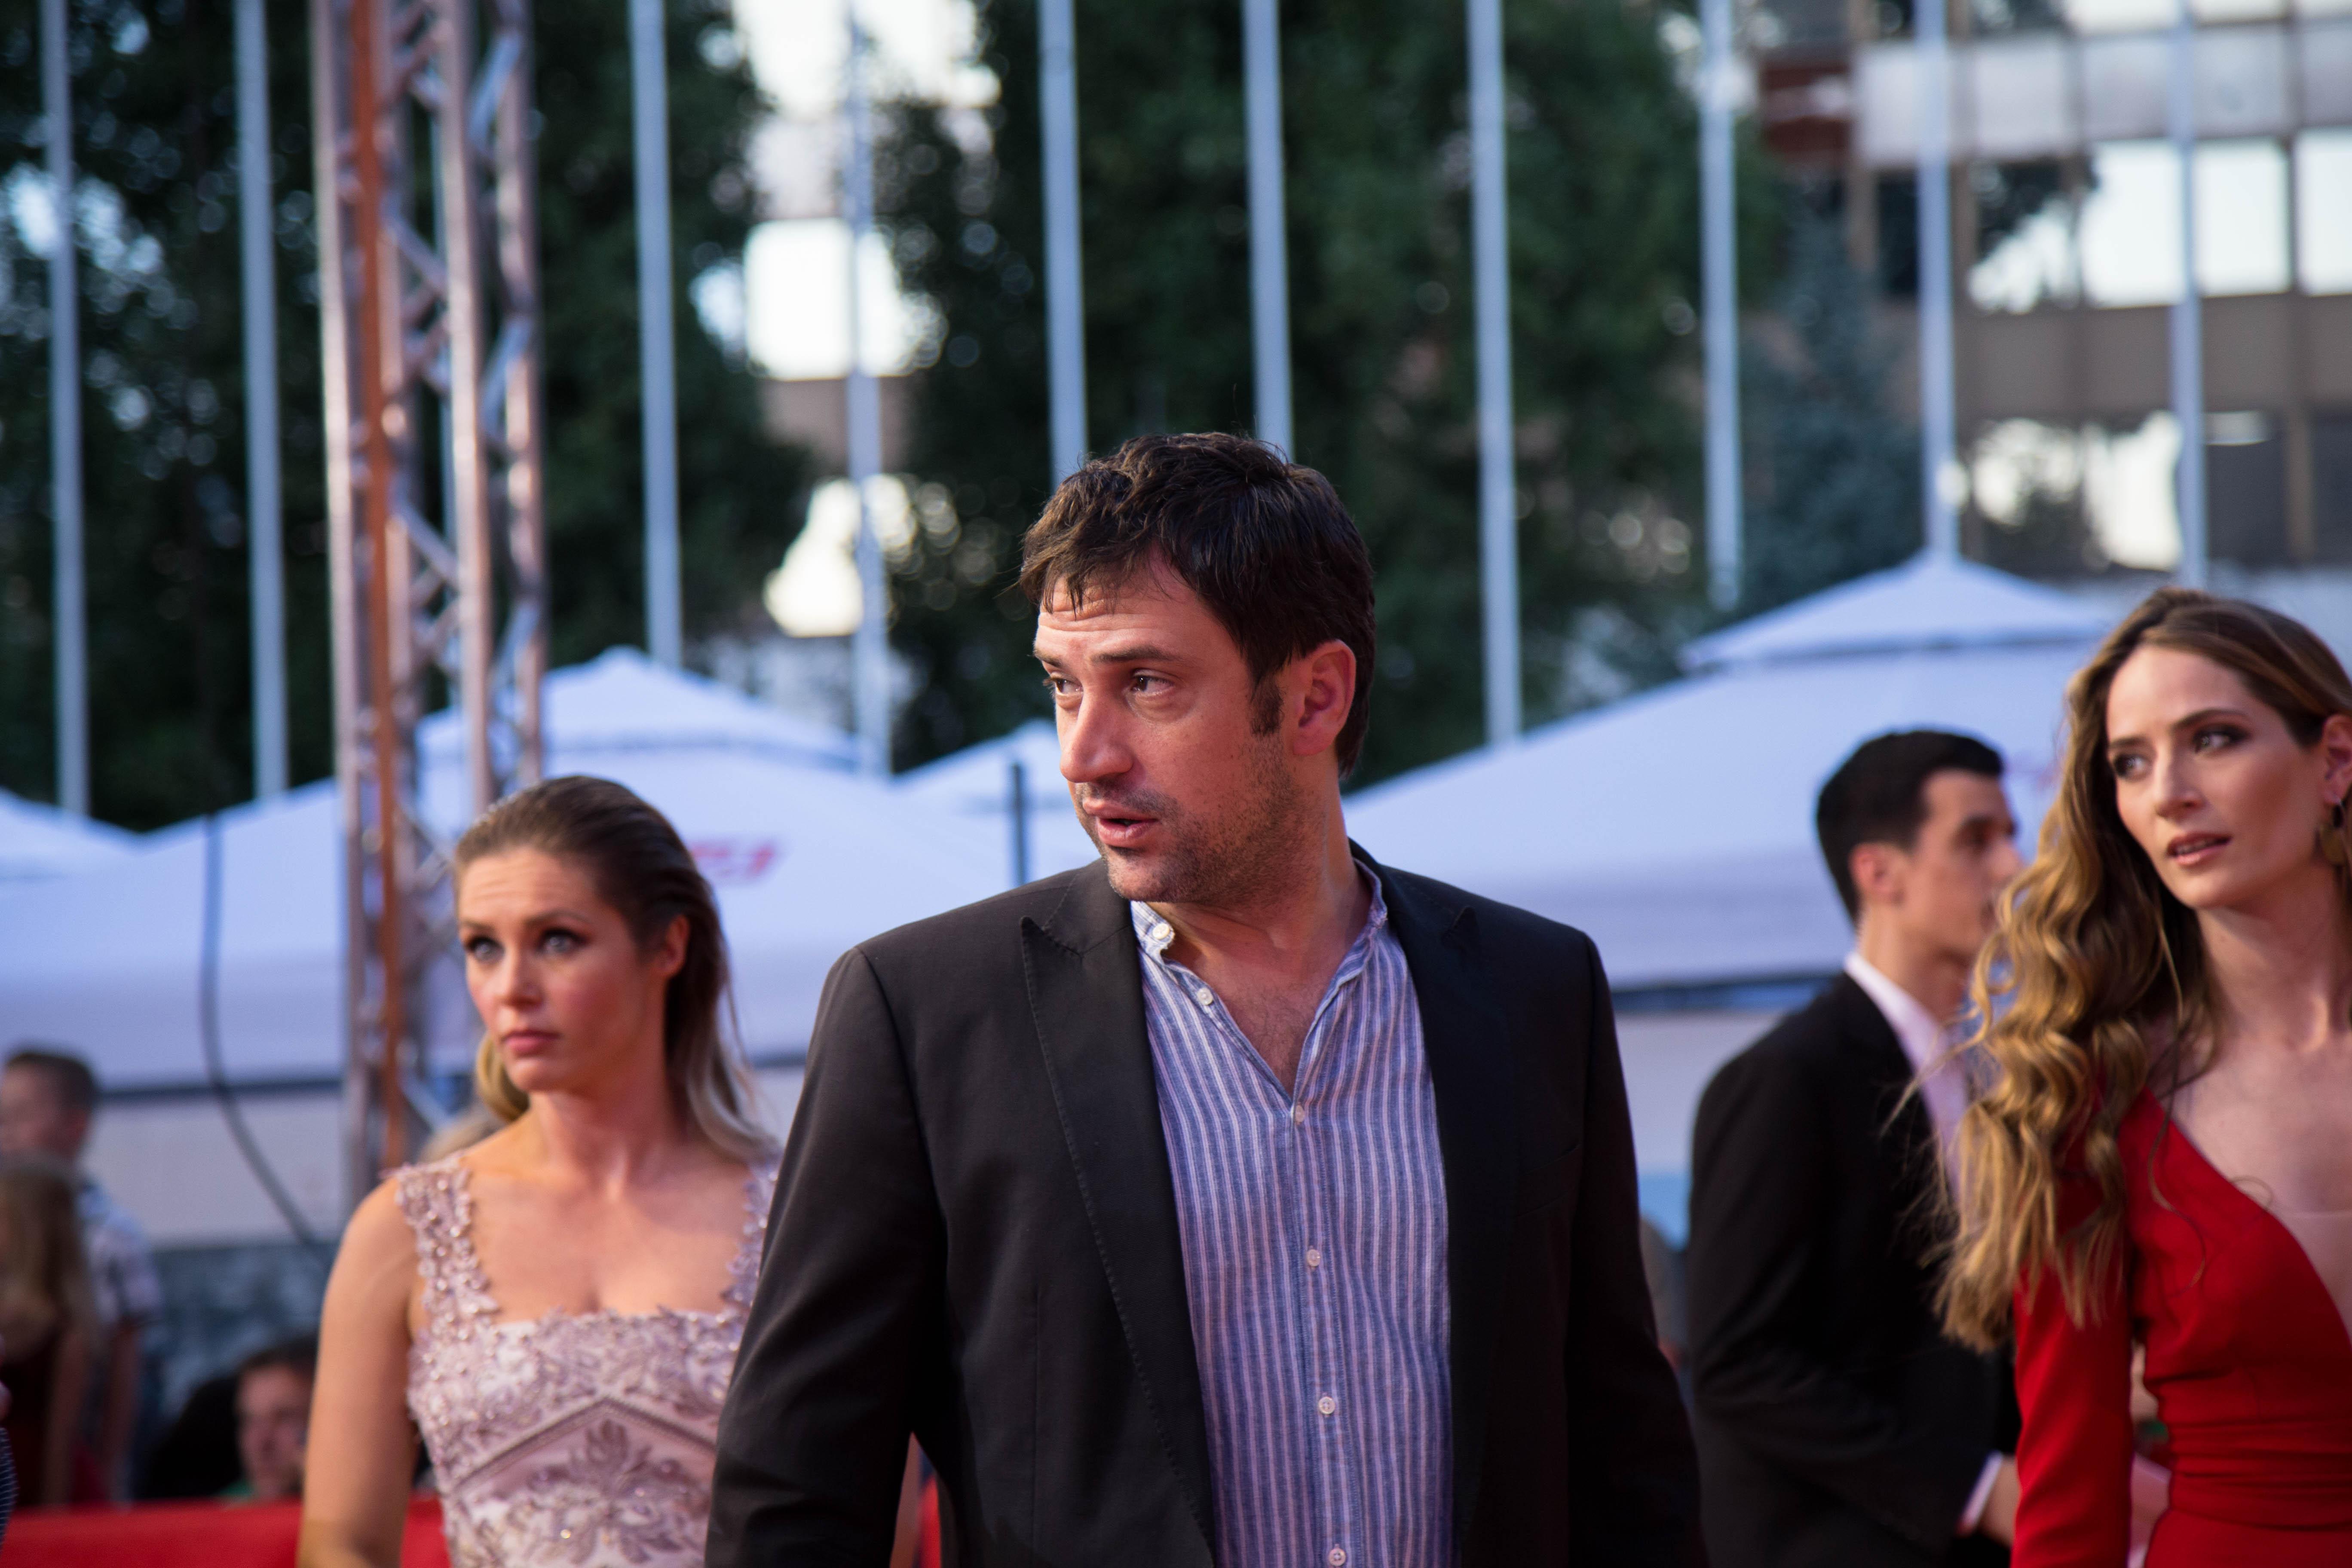 cetvrta noc sarajevo film festival senka catic (5)